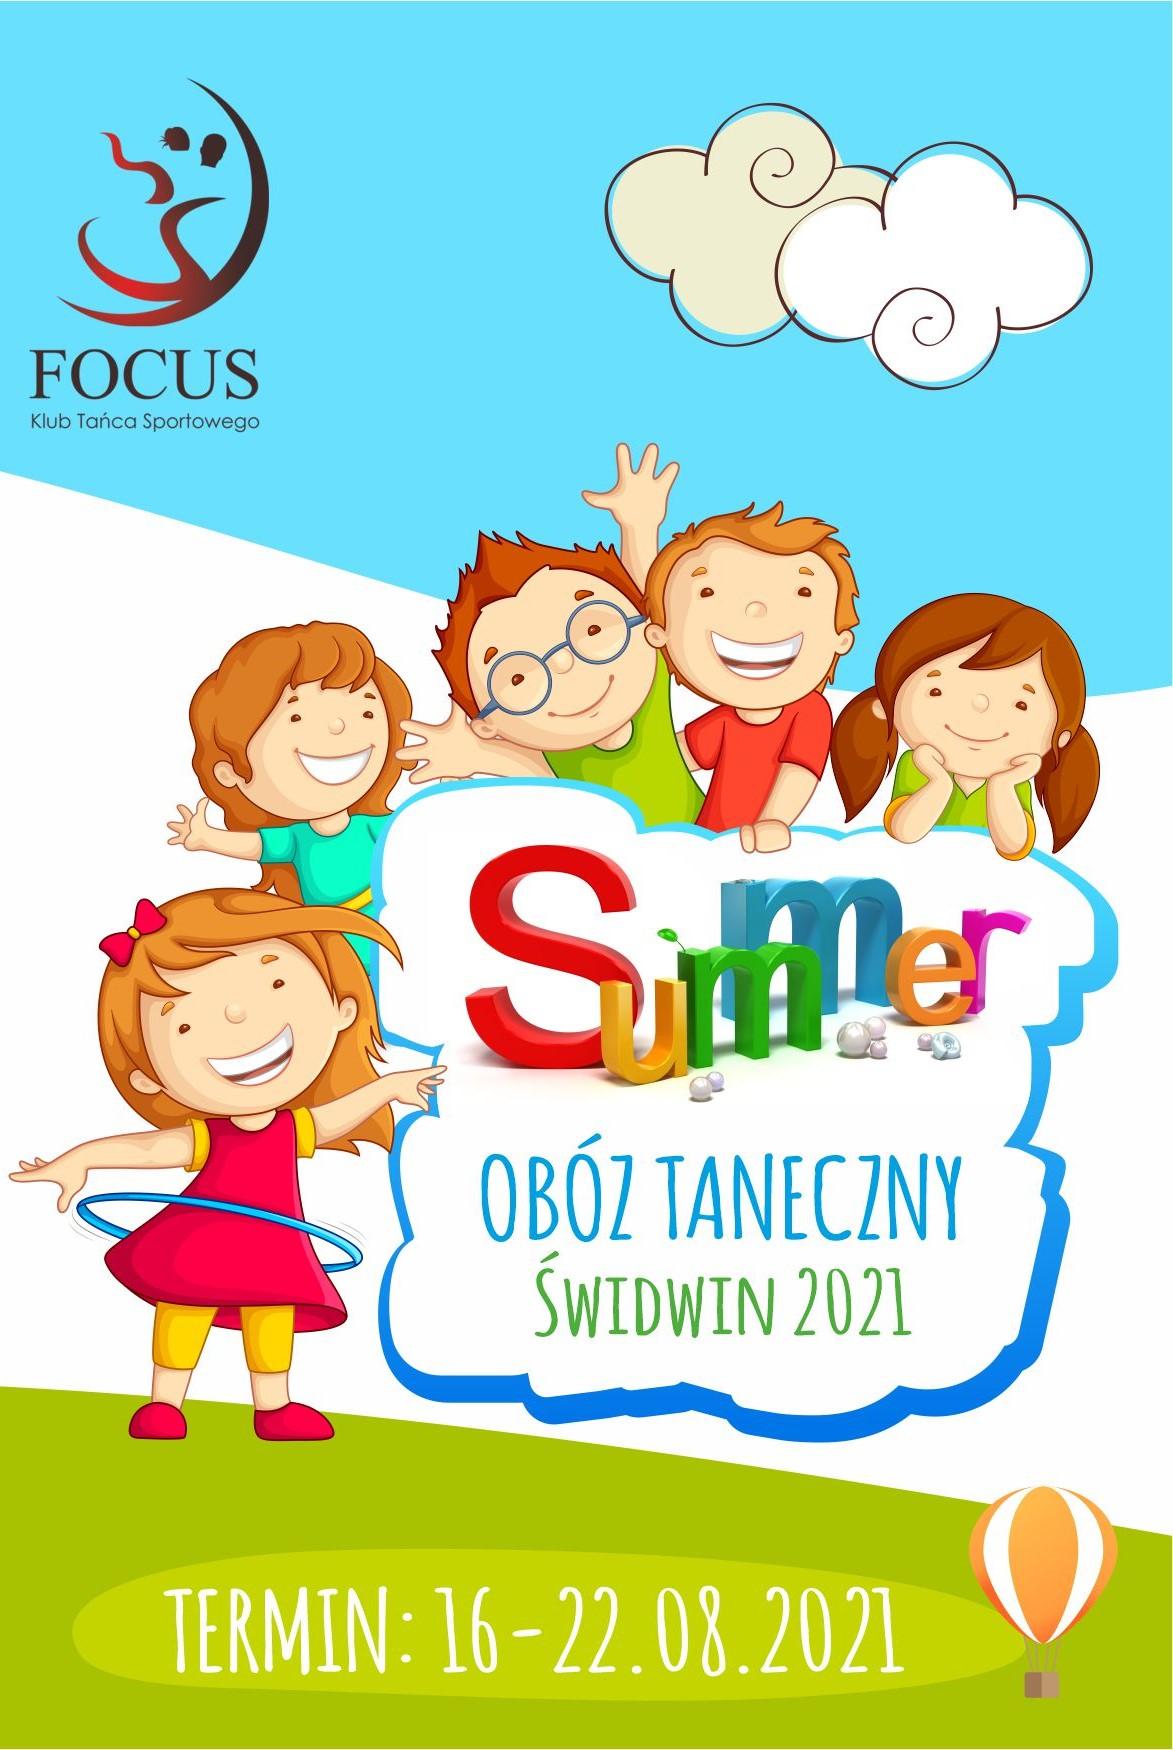 focus ulotka dla dzieci oboz2021a